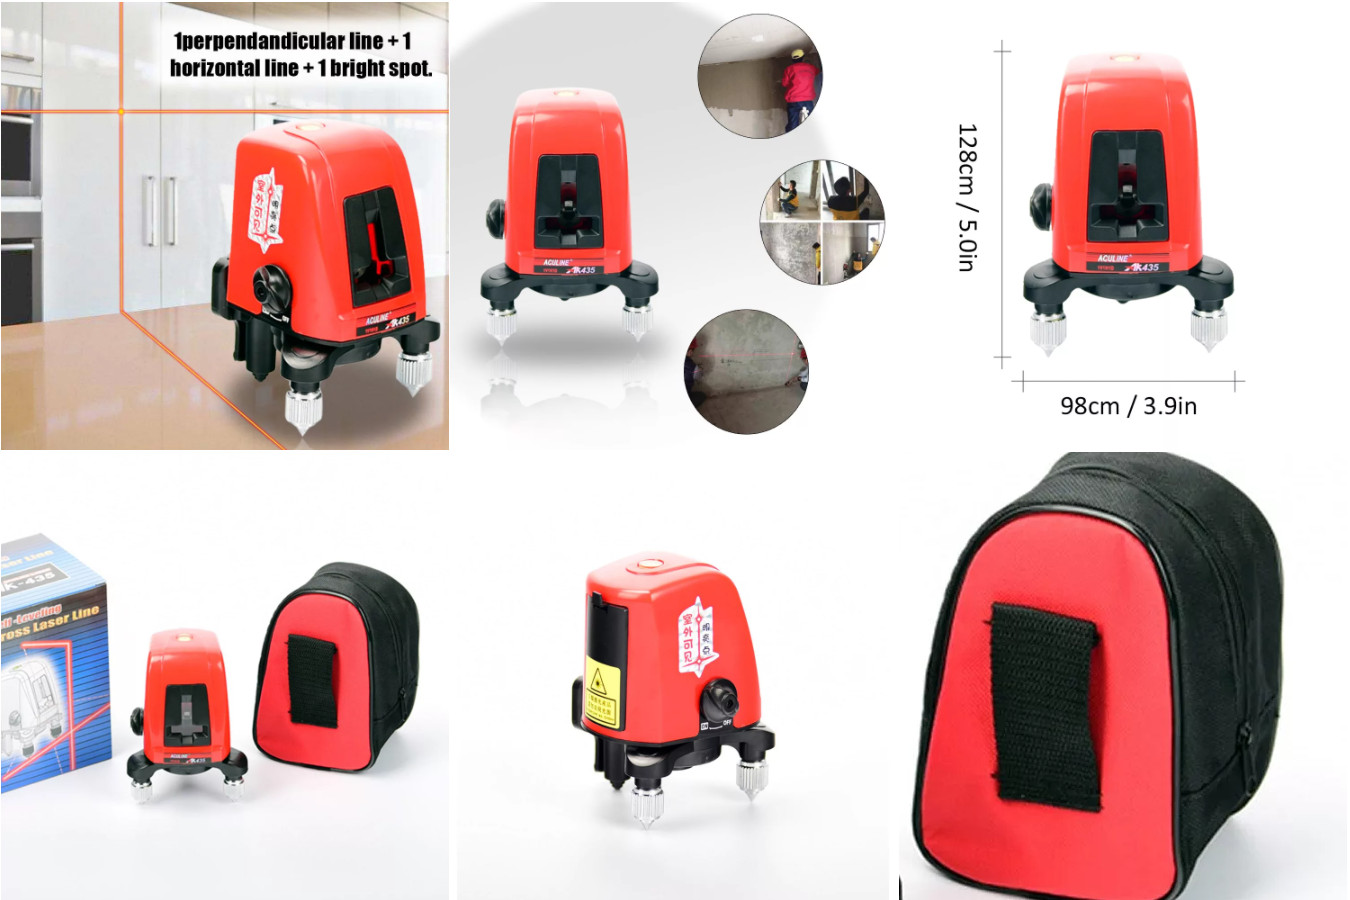 Лазерный уровень для бытового применения — KKMOON AK435